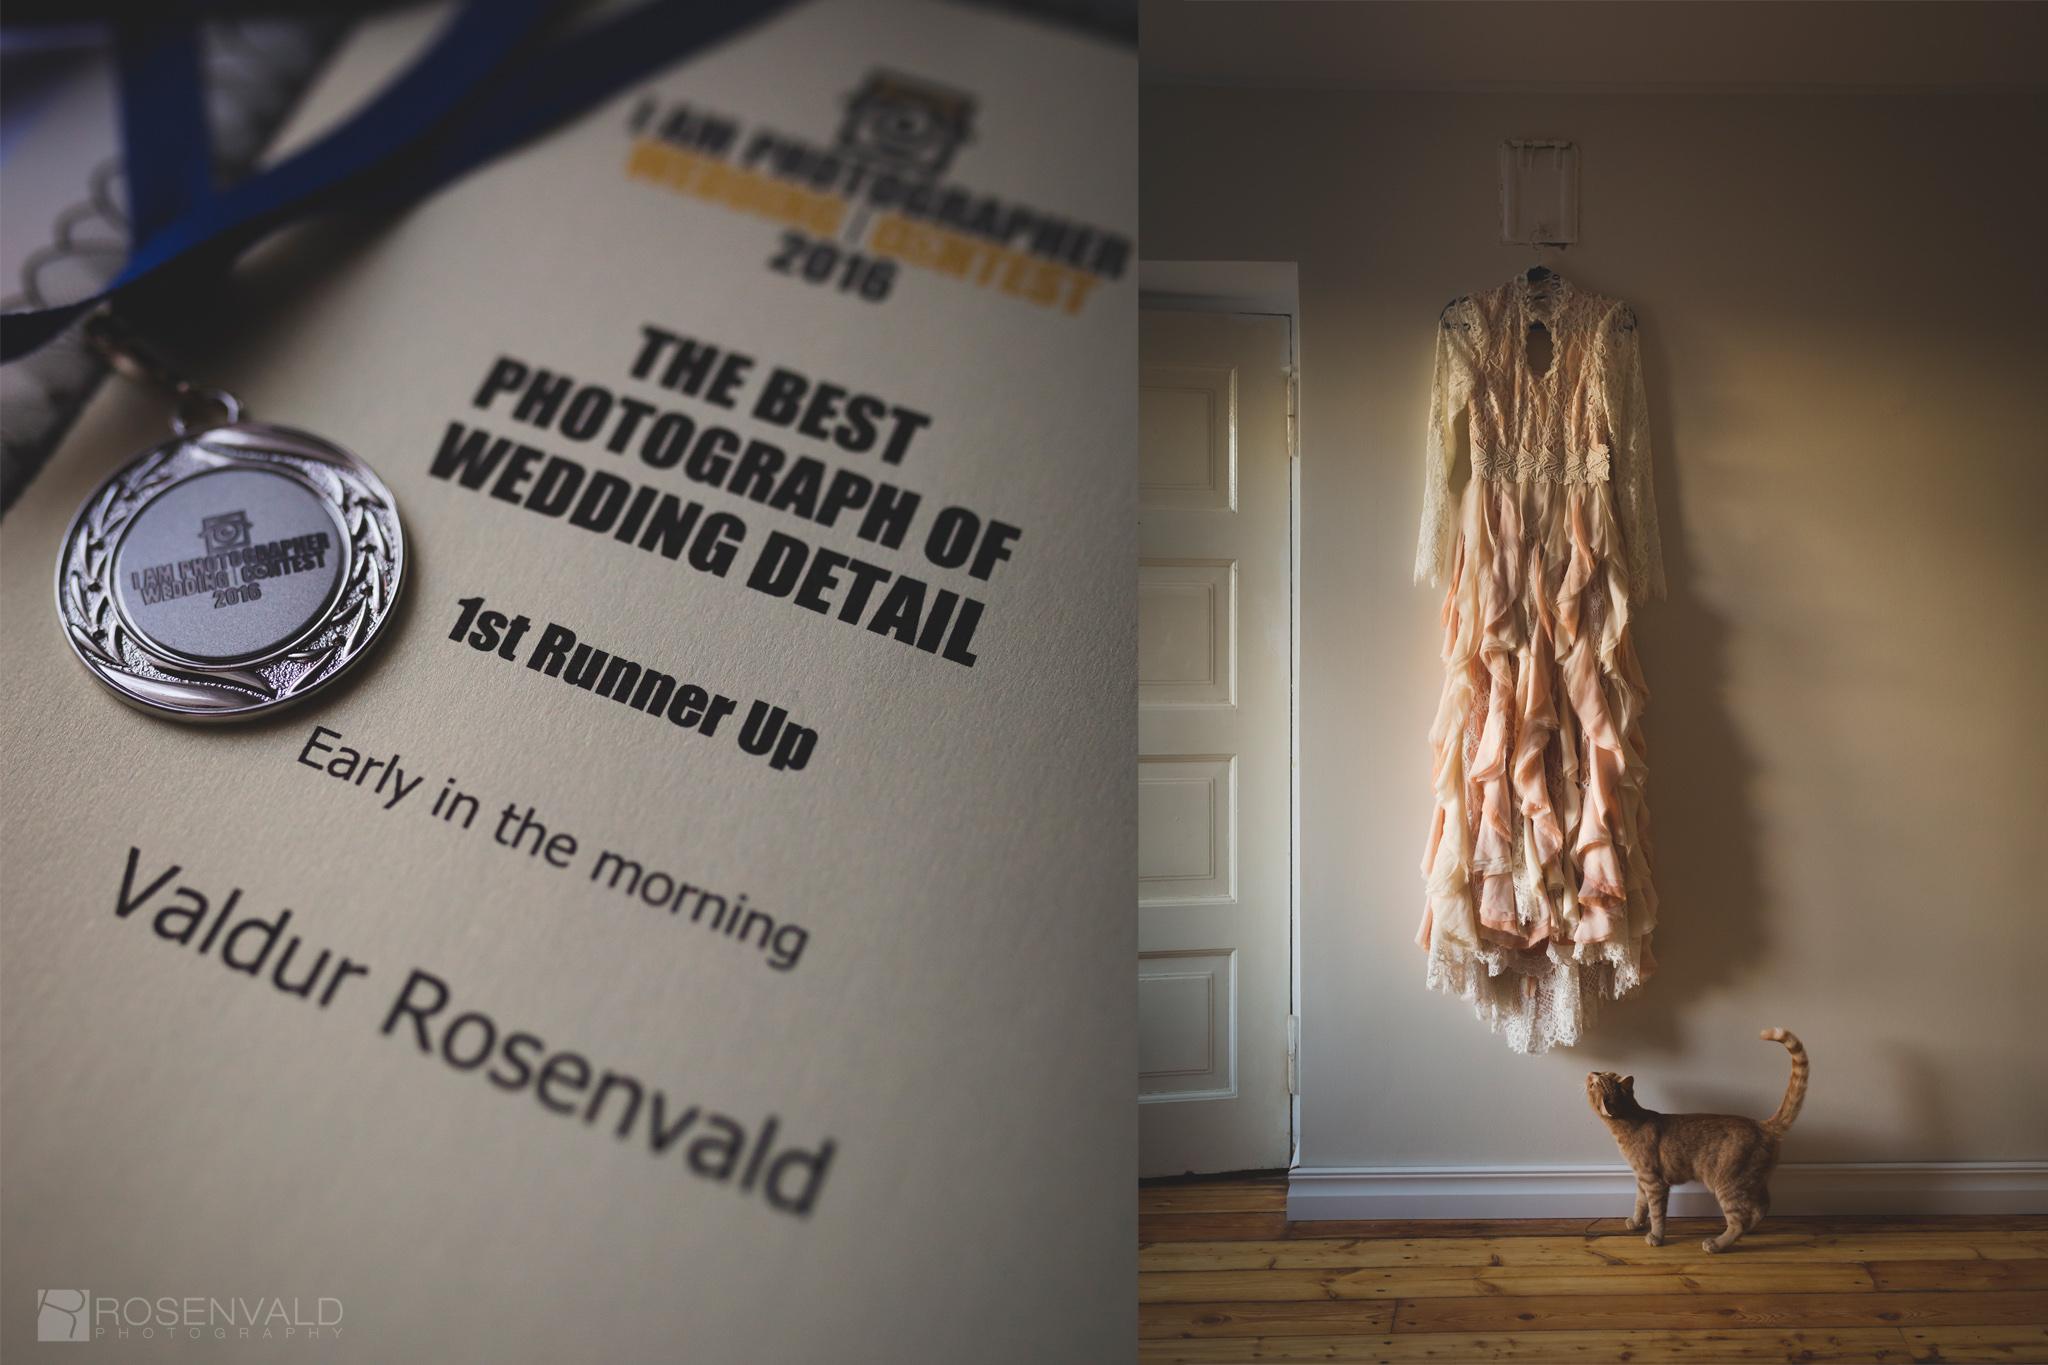 Pulmafotograaf Valdur Rosenvald — parim pulmafoto detail